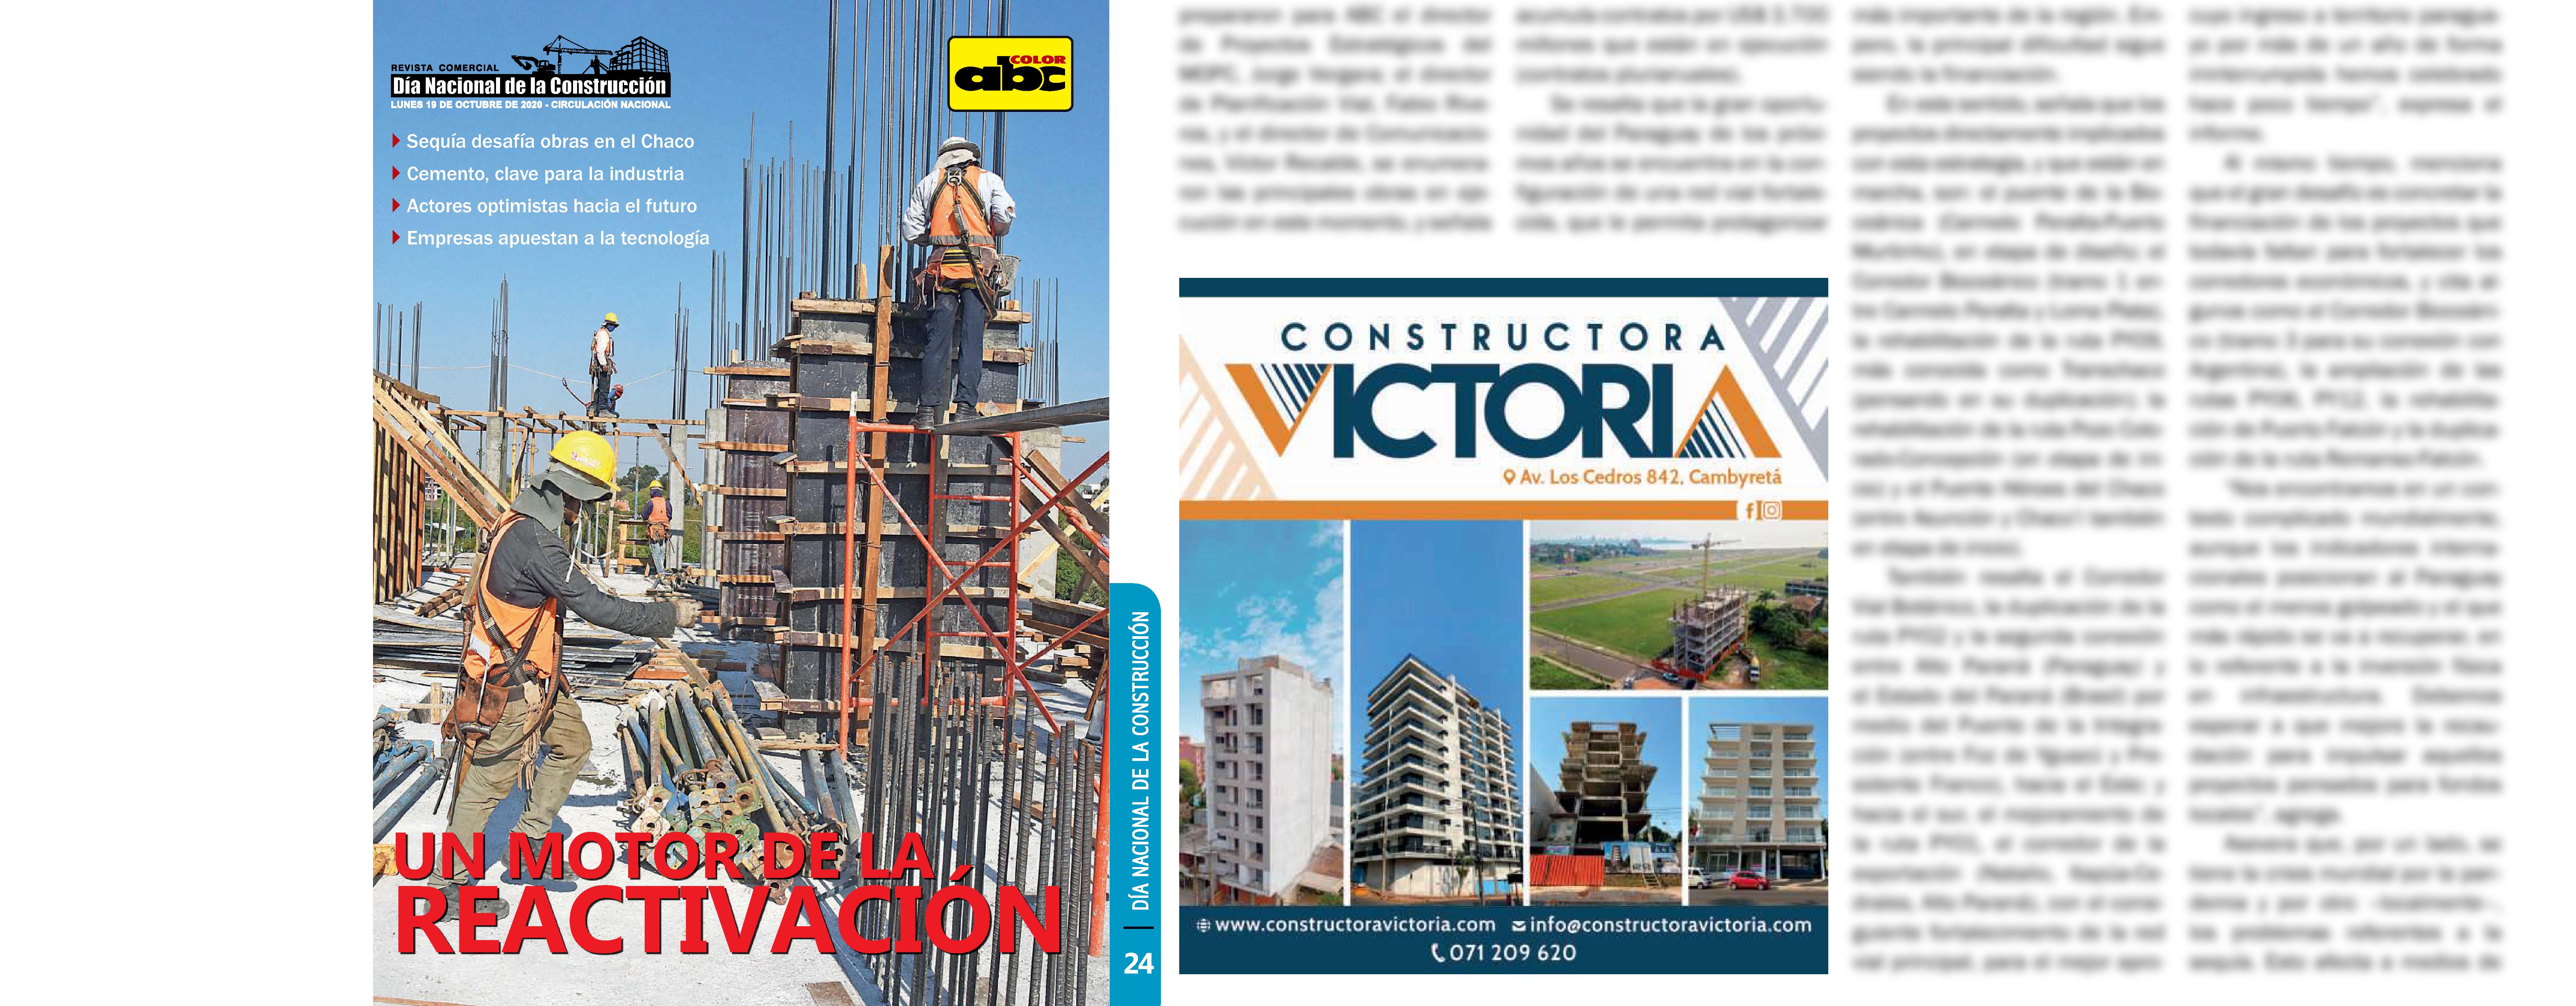 Día Nacional de la Construcción